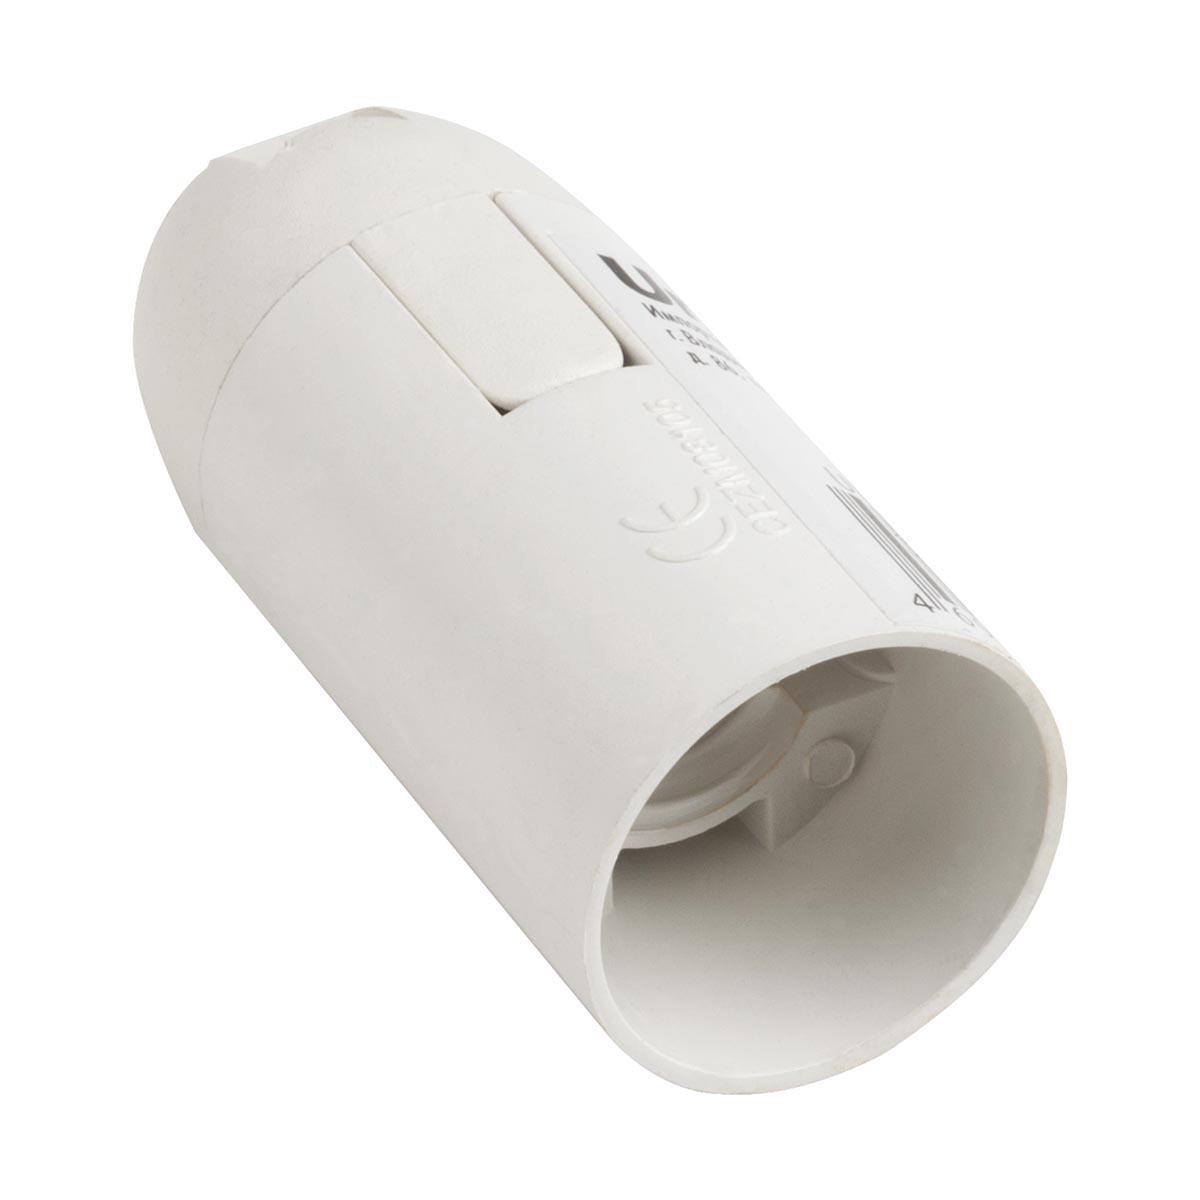 Патрон Uniel ULH-01-E14-Plastic патрон uniel ulh e14 ceramic для лампы керамический е14